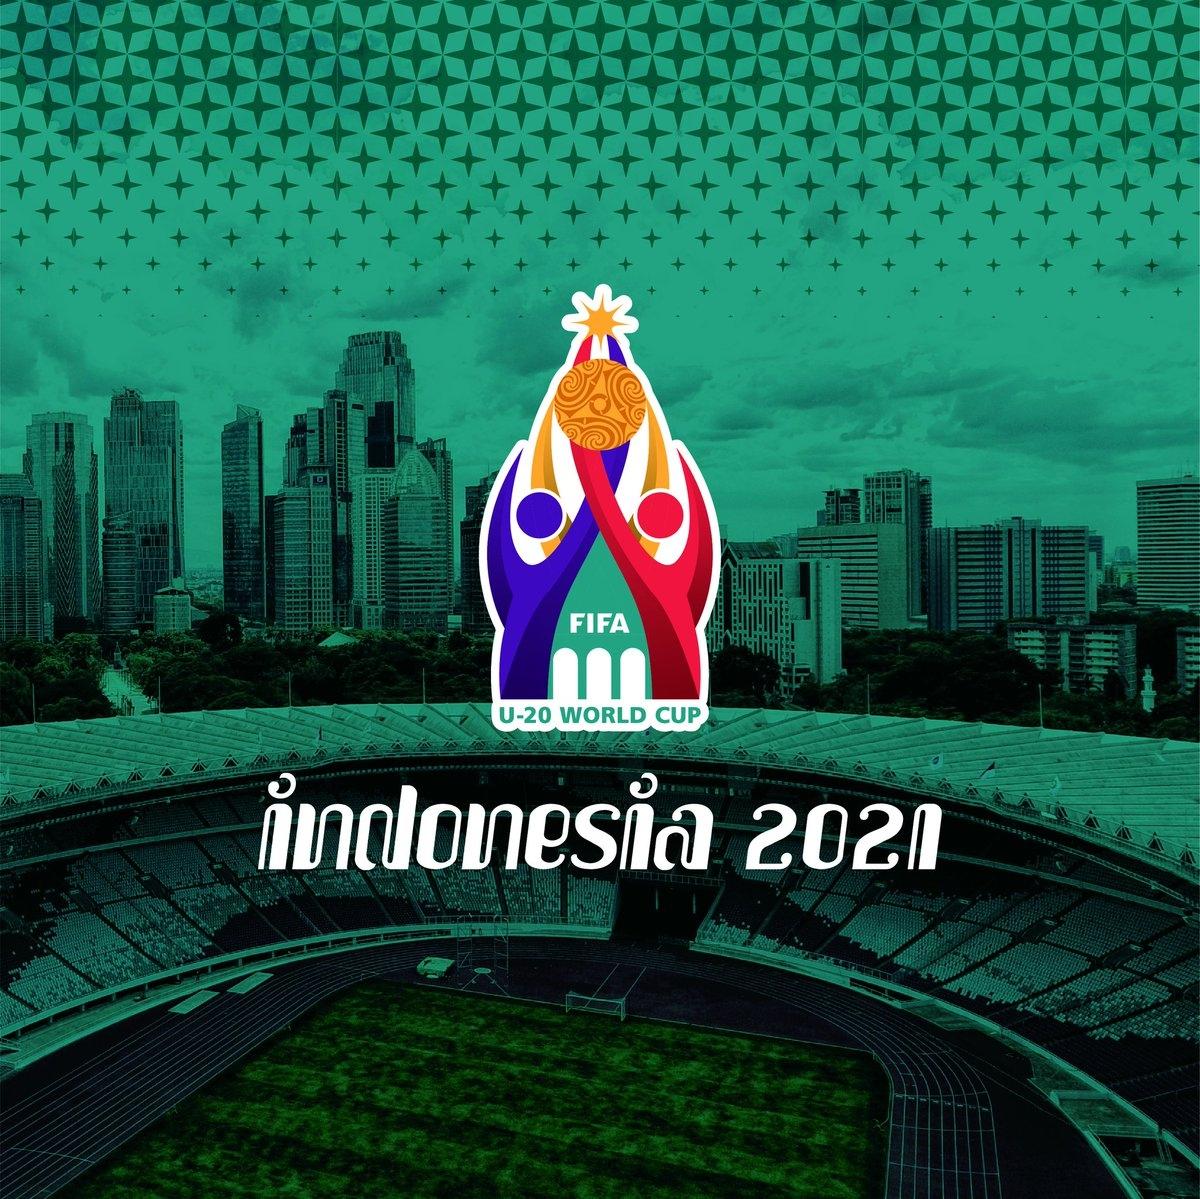 Giải đấu U20 World Cup dự kiến diễn ra ở Indonesia trong năm 2021 đã bị hủy.